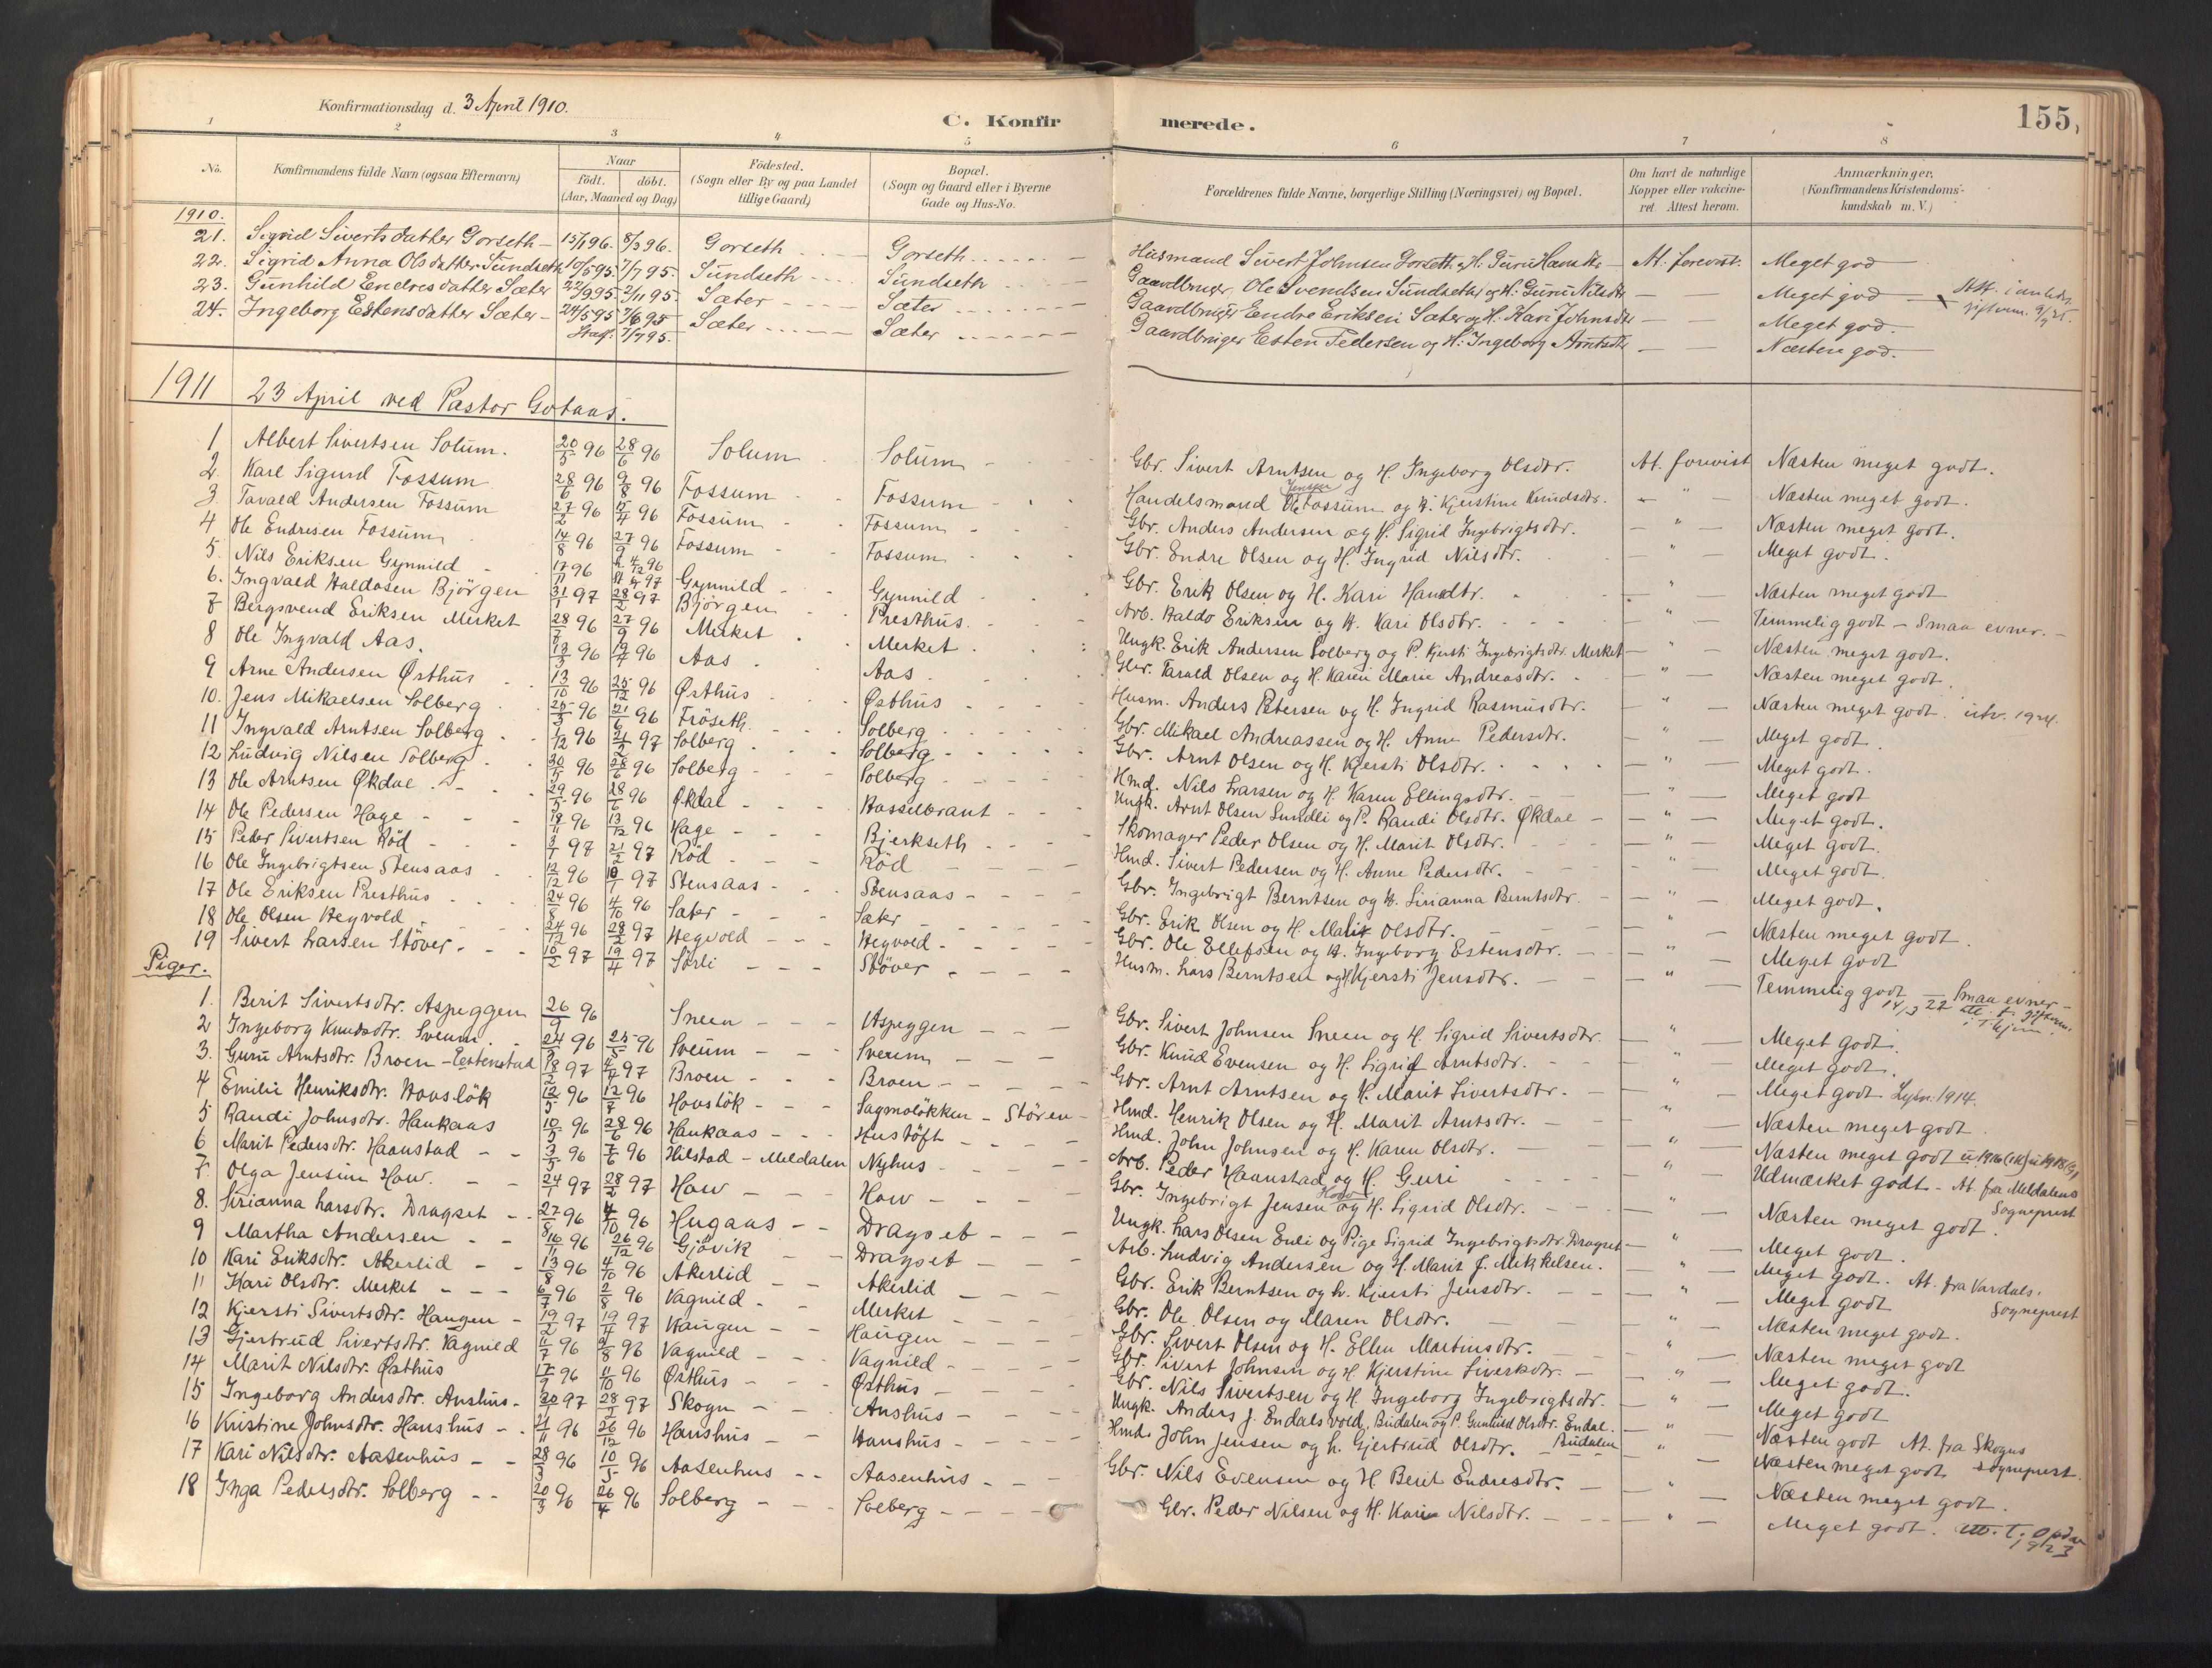 SAT, Ministerialprotokoller, klokkerbøker og fødselsregistre - Sør-Trøndelag, 689/L1041: Ministerialbok nr. 689A06, 1891-1923, s. 155